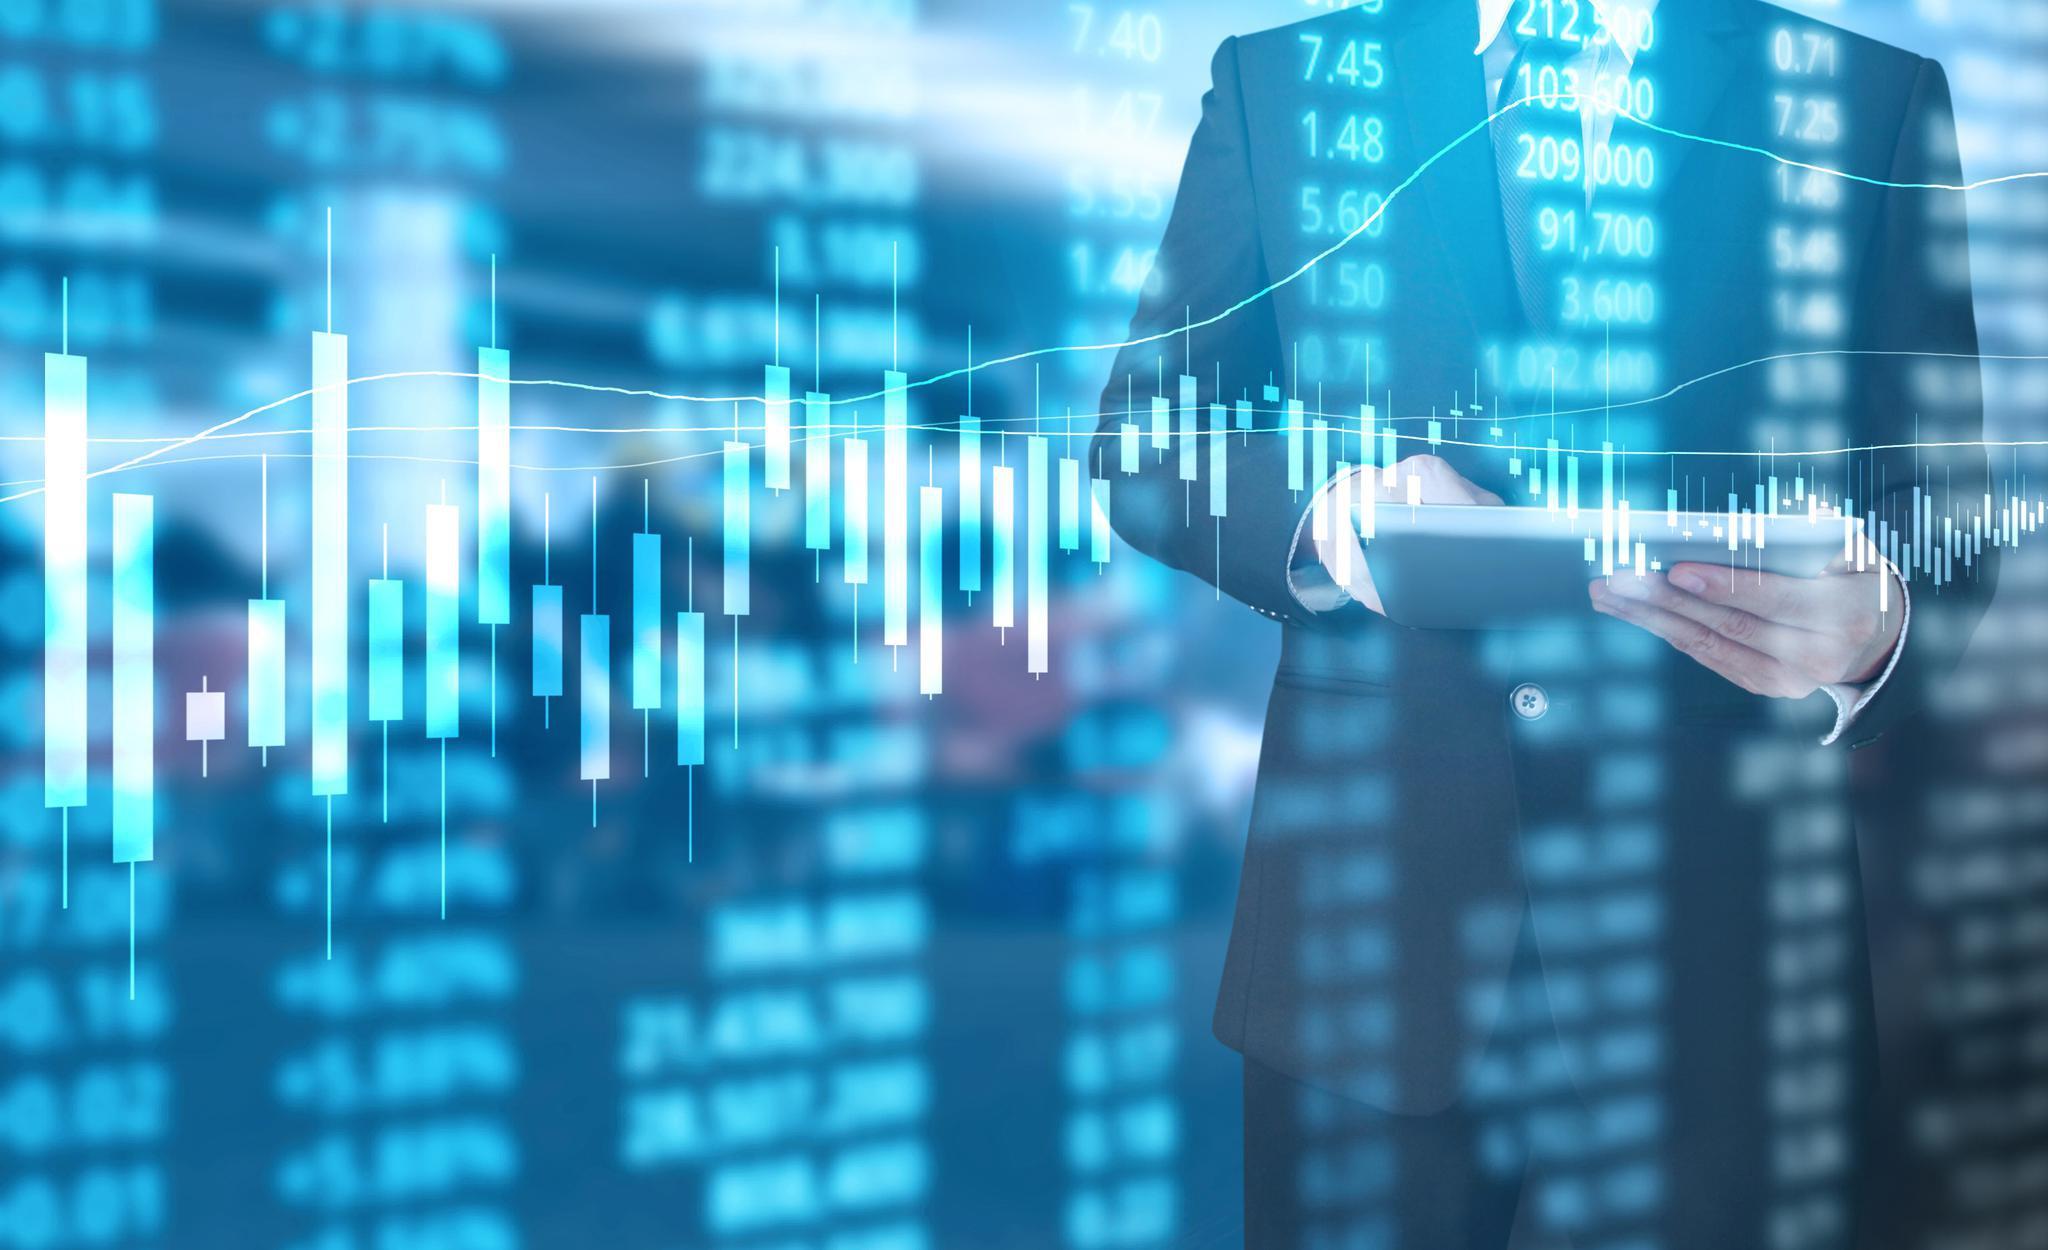 毕马威2019中国金融科技报告:小微企业金融服务痛点在于缺乏个信数据,移动支付爆炸式发展难以再现